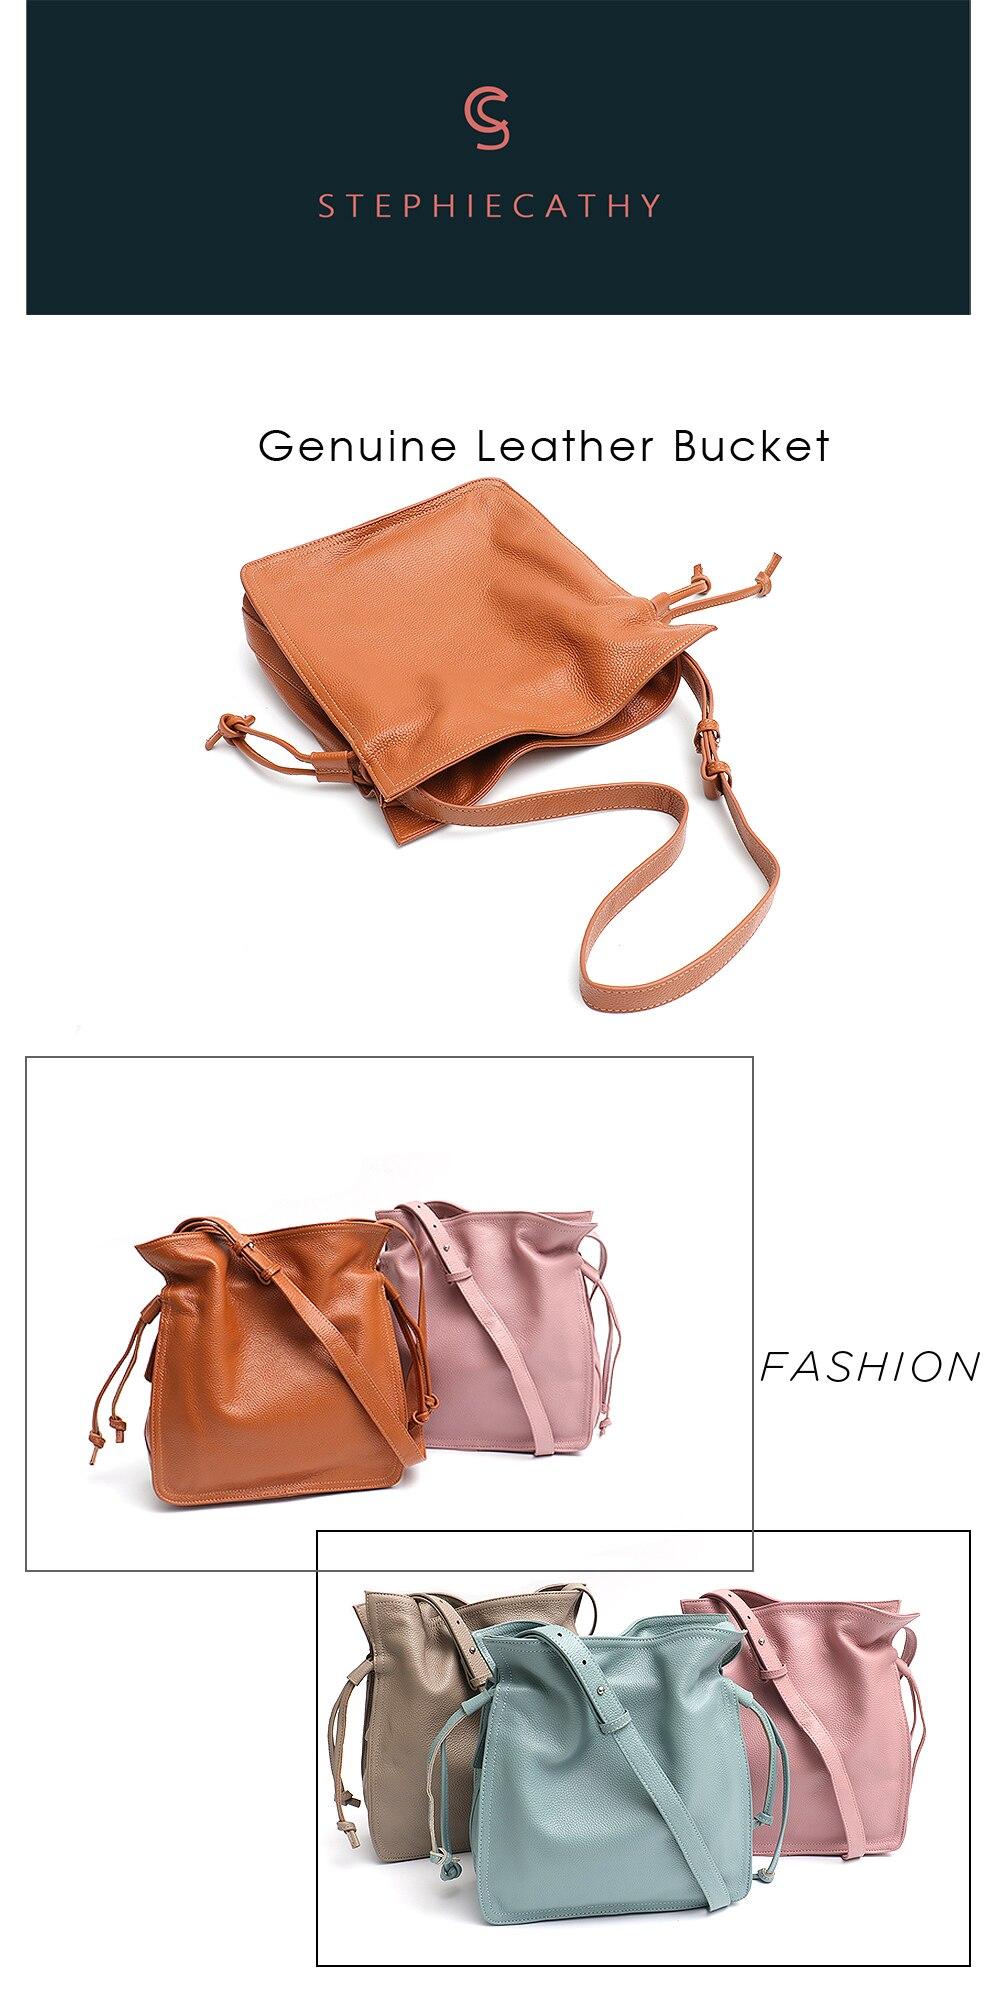 Sc moda balde de couro bolsa para